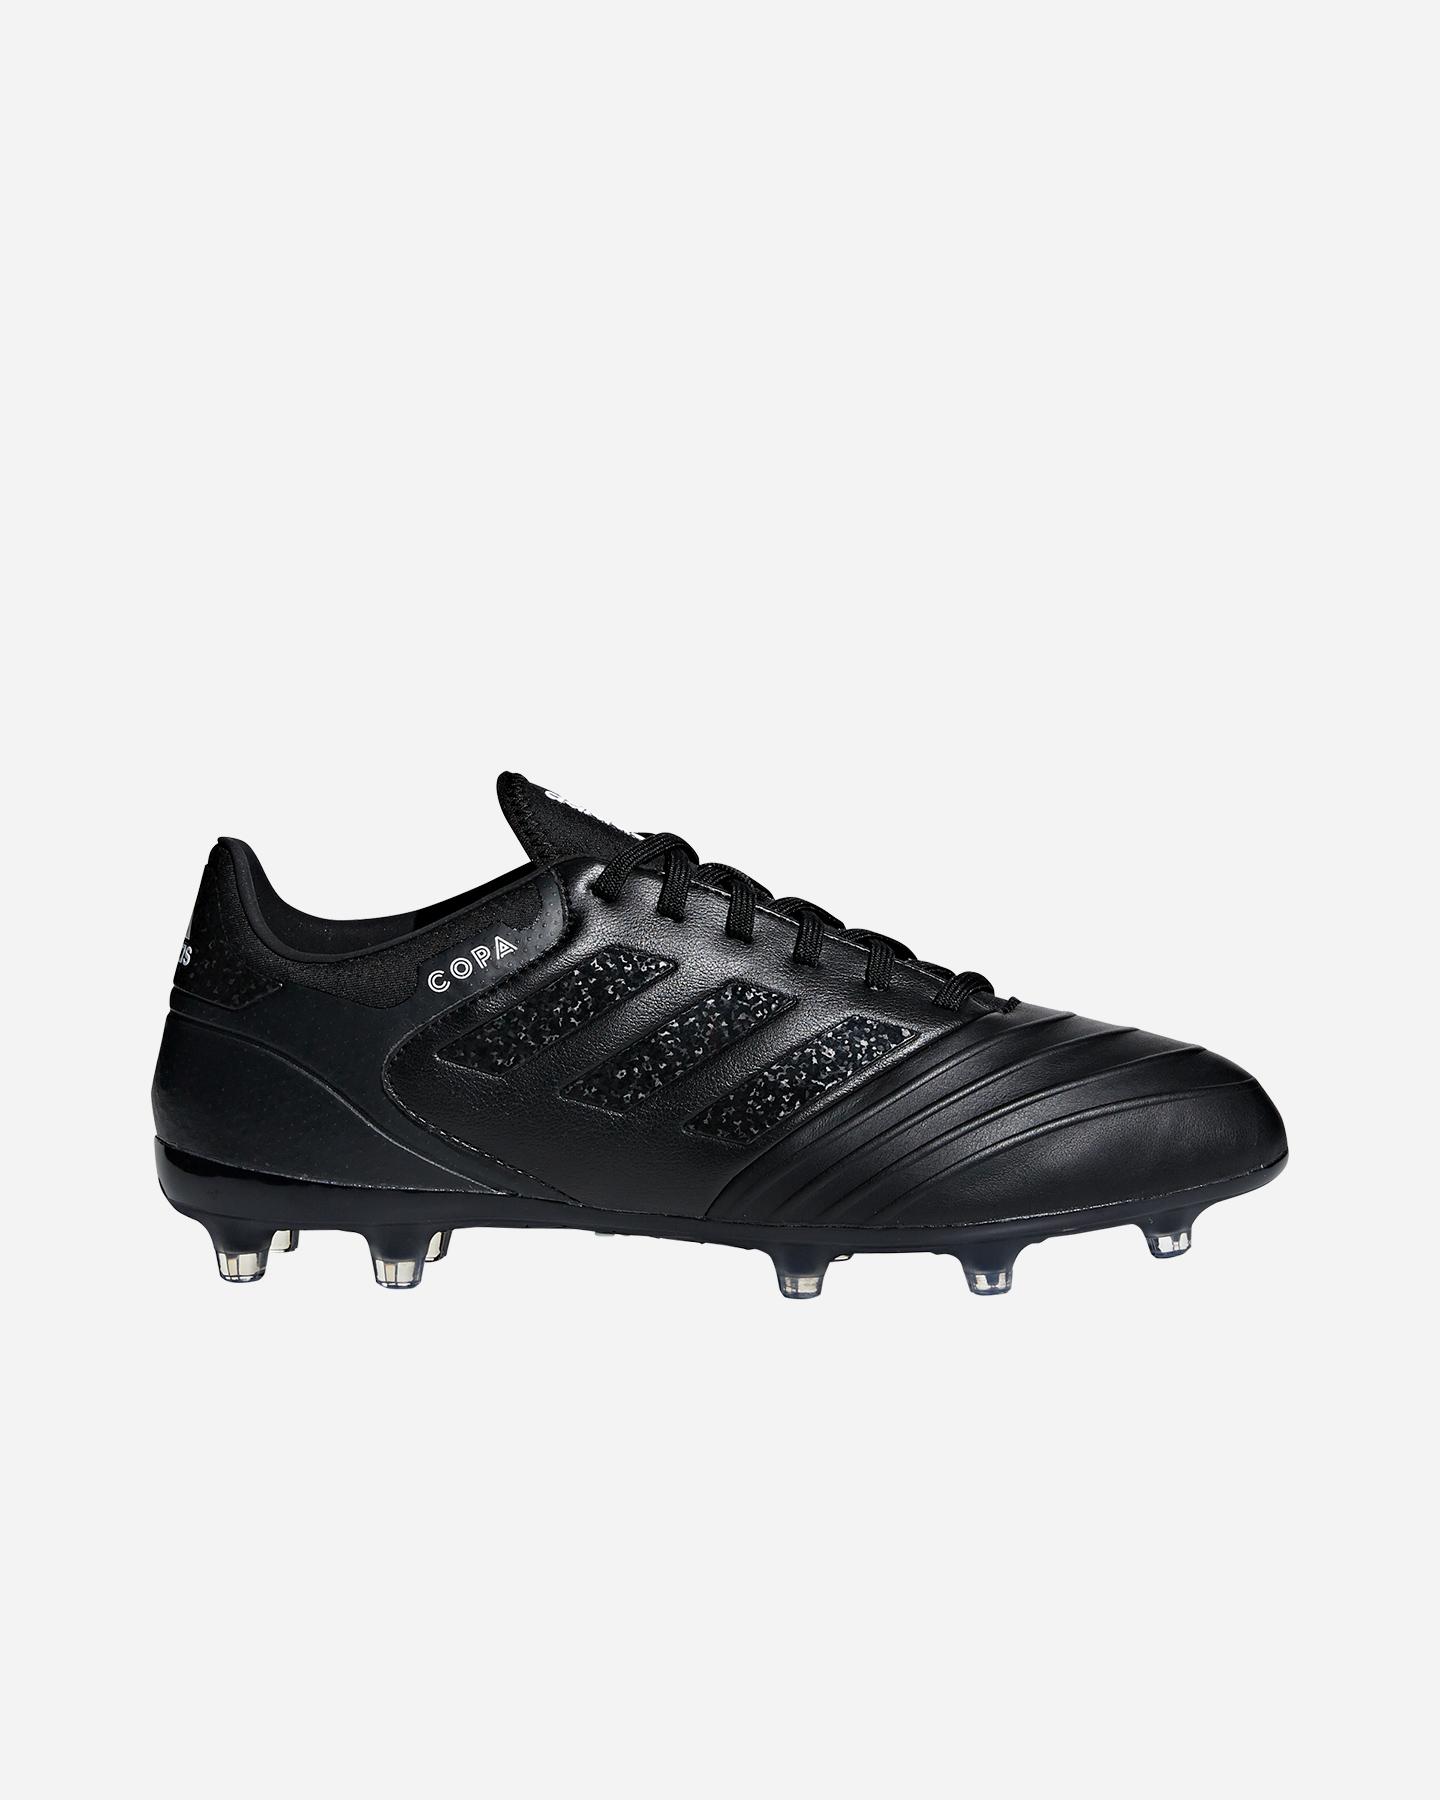 scarpe calcio adidas bambino 38